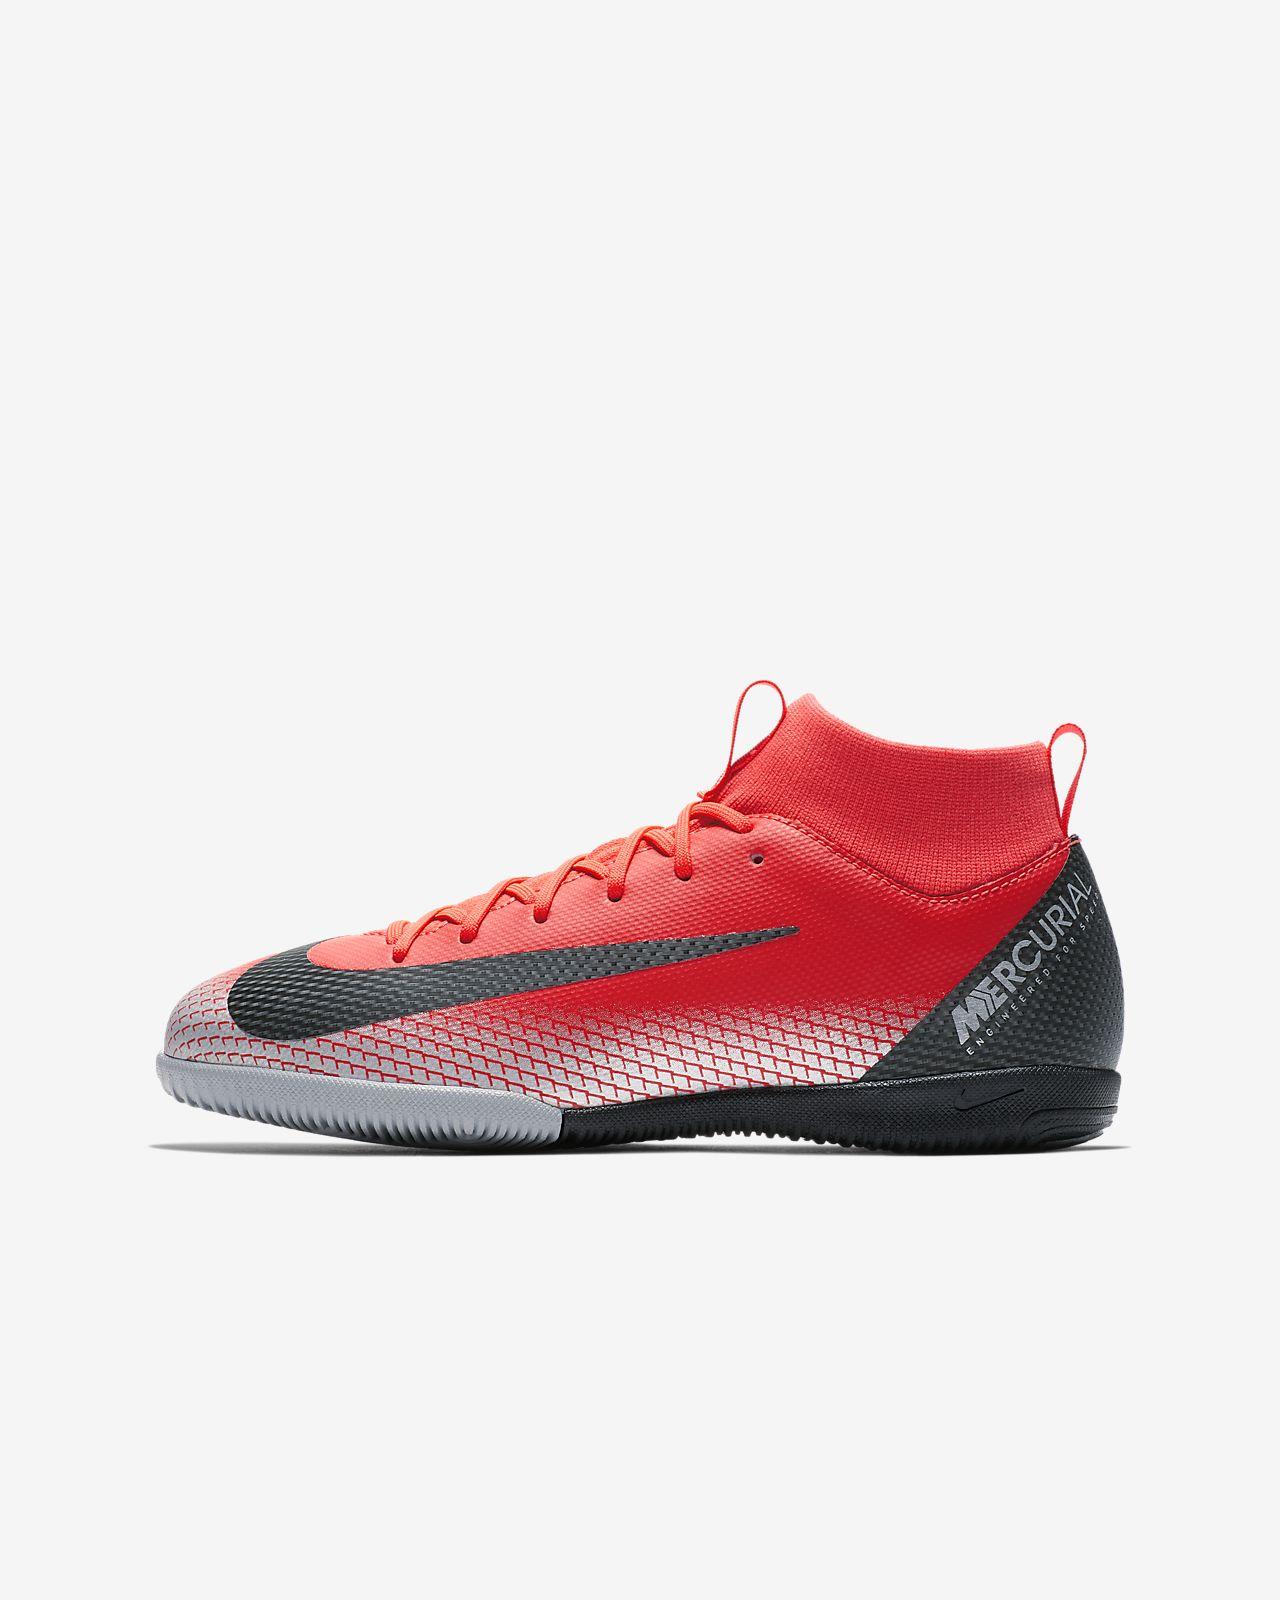 Chaussure de football en salle Nike Jr. SuperflyX 6 Academy LVL UP IC pour Jeune enfantEnfant plus âgé